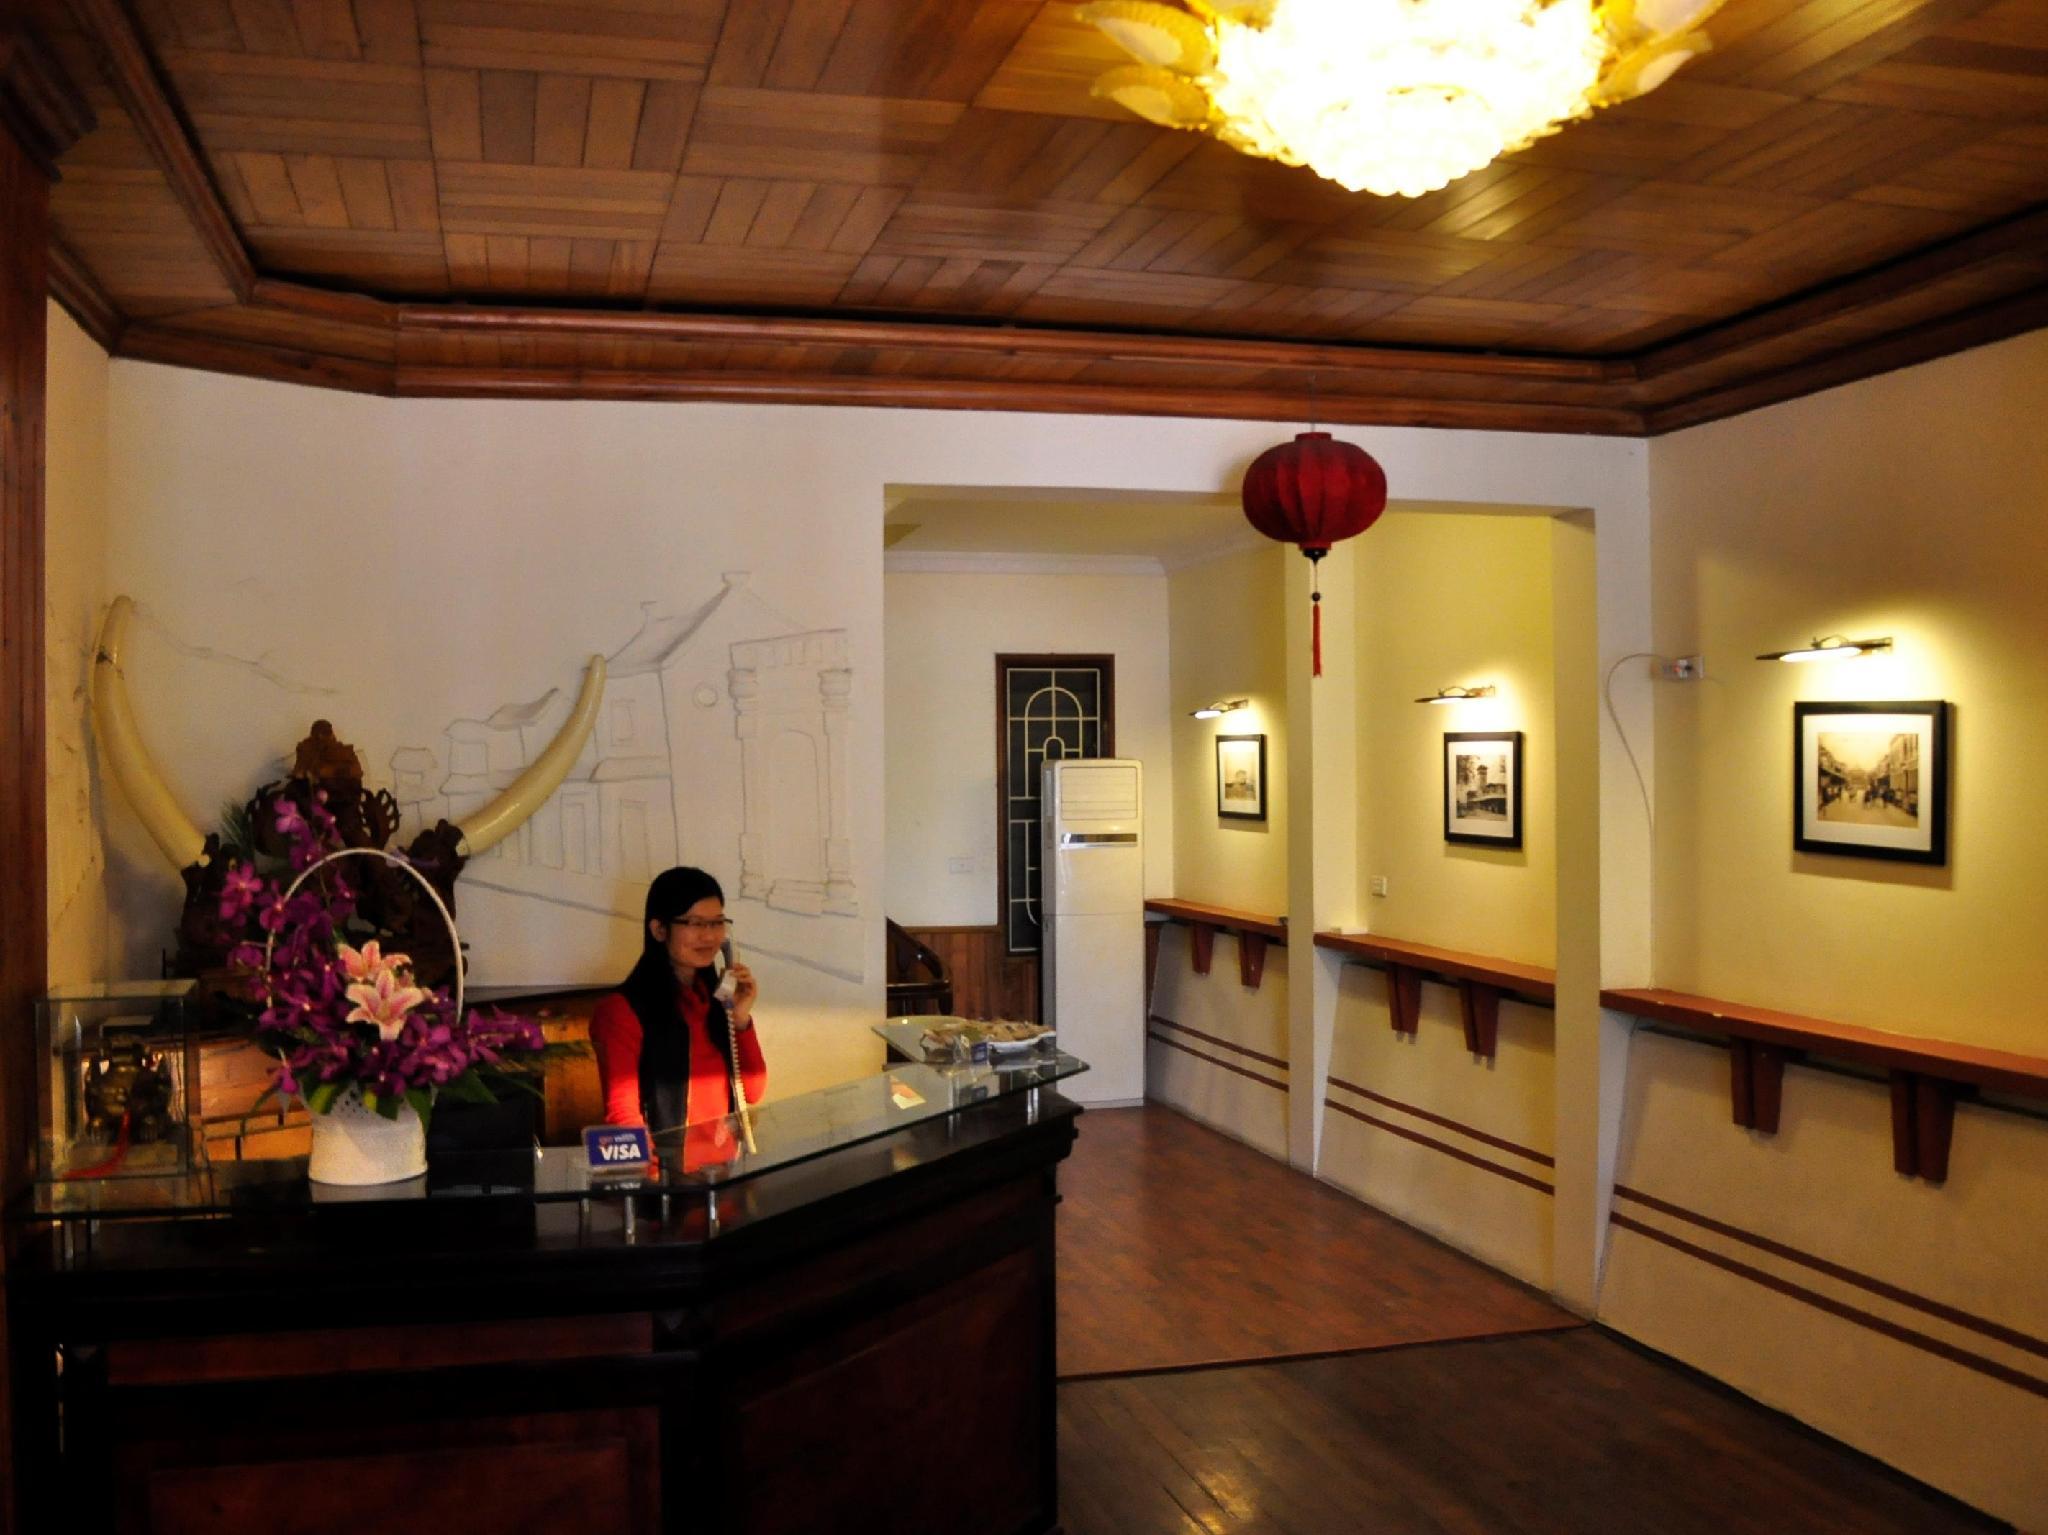 Green Hotel - Hotell och Boende i Vietnam , Hanoi